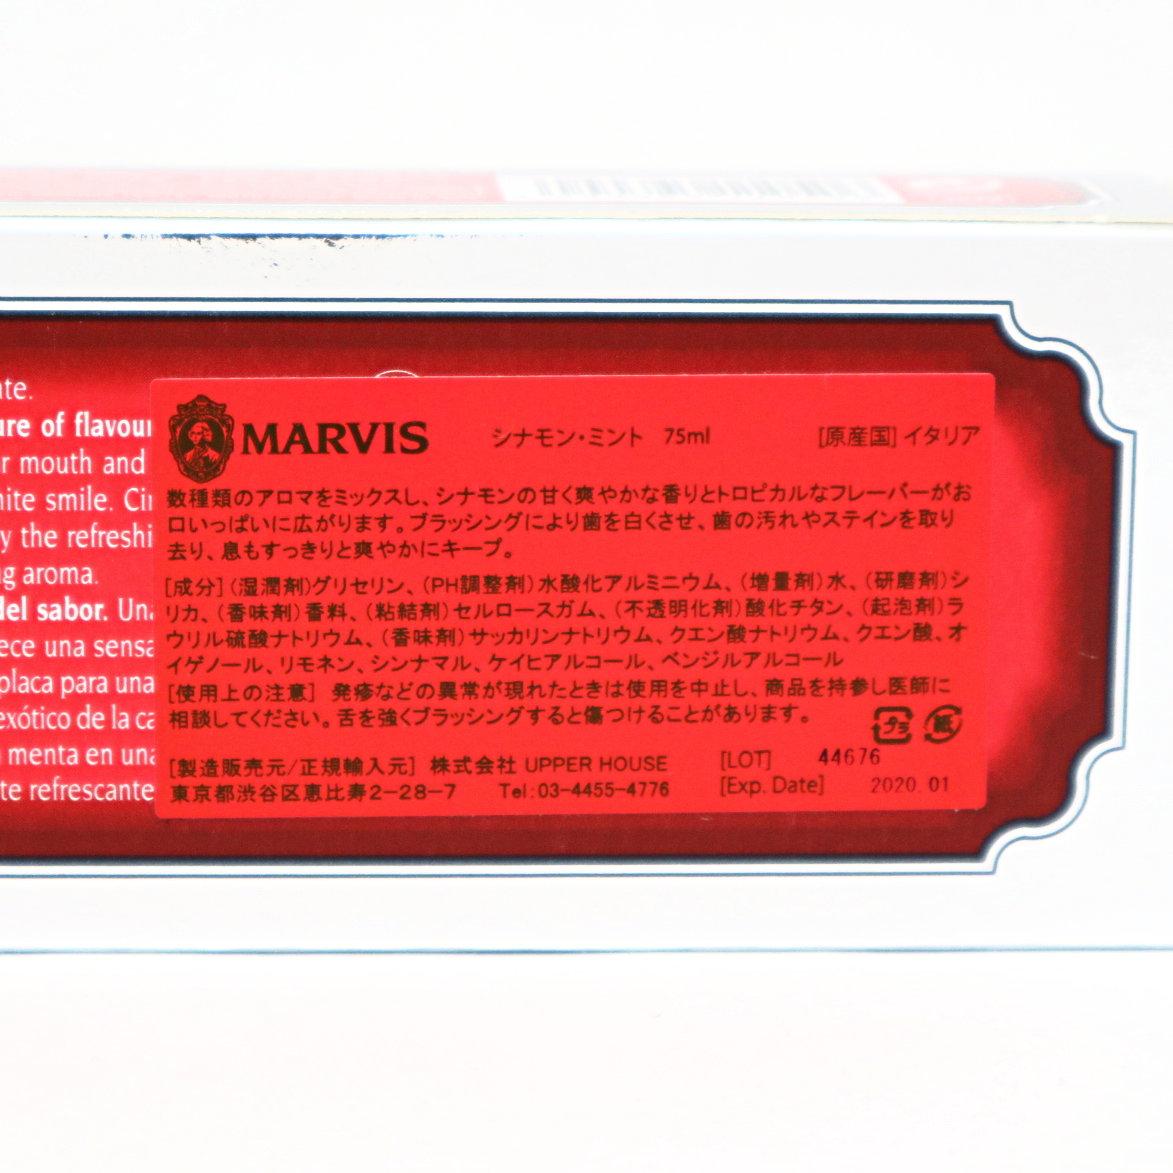 シナモン・ミント/MARVIS(歯磨き粉)